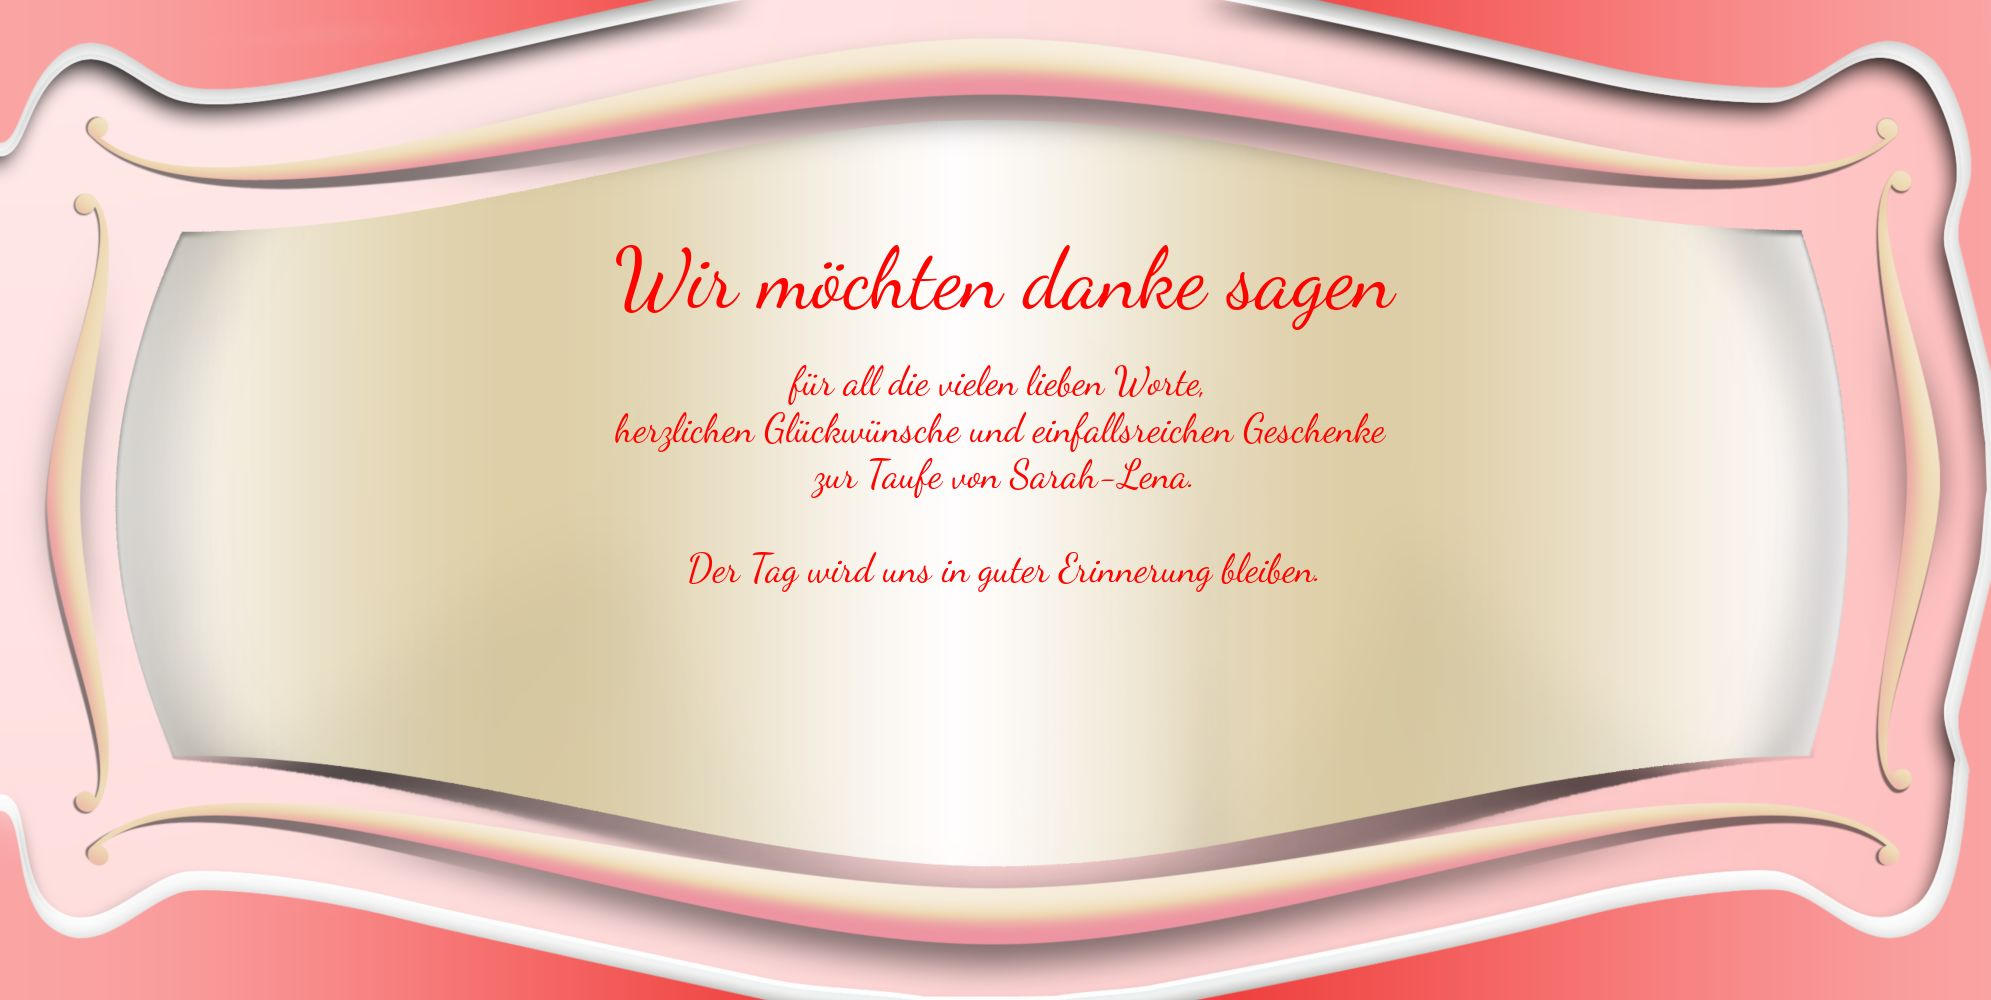 Ansicht 5 - Taufe Dankeskarte Streifbogen